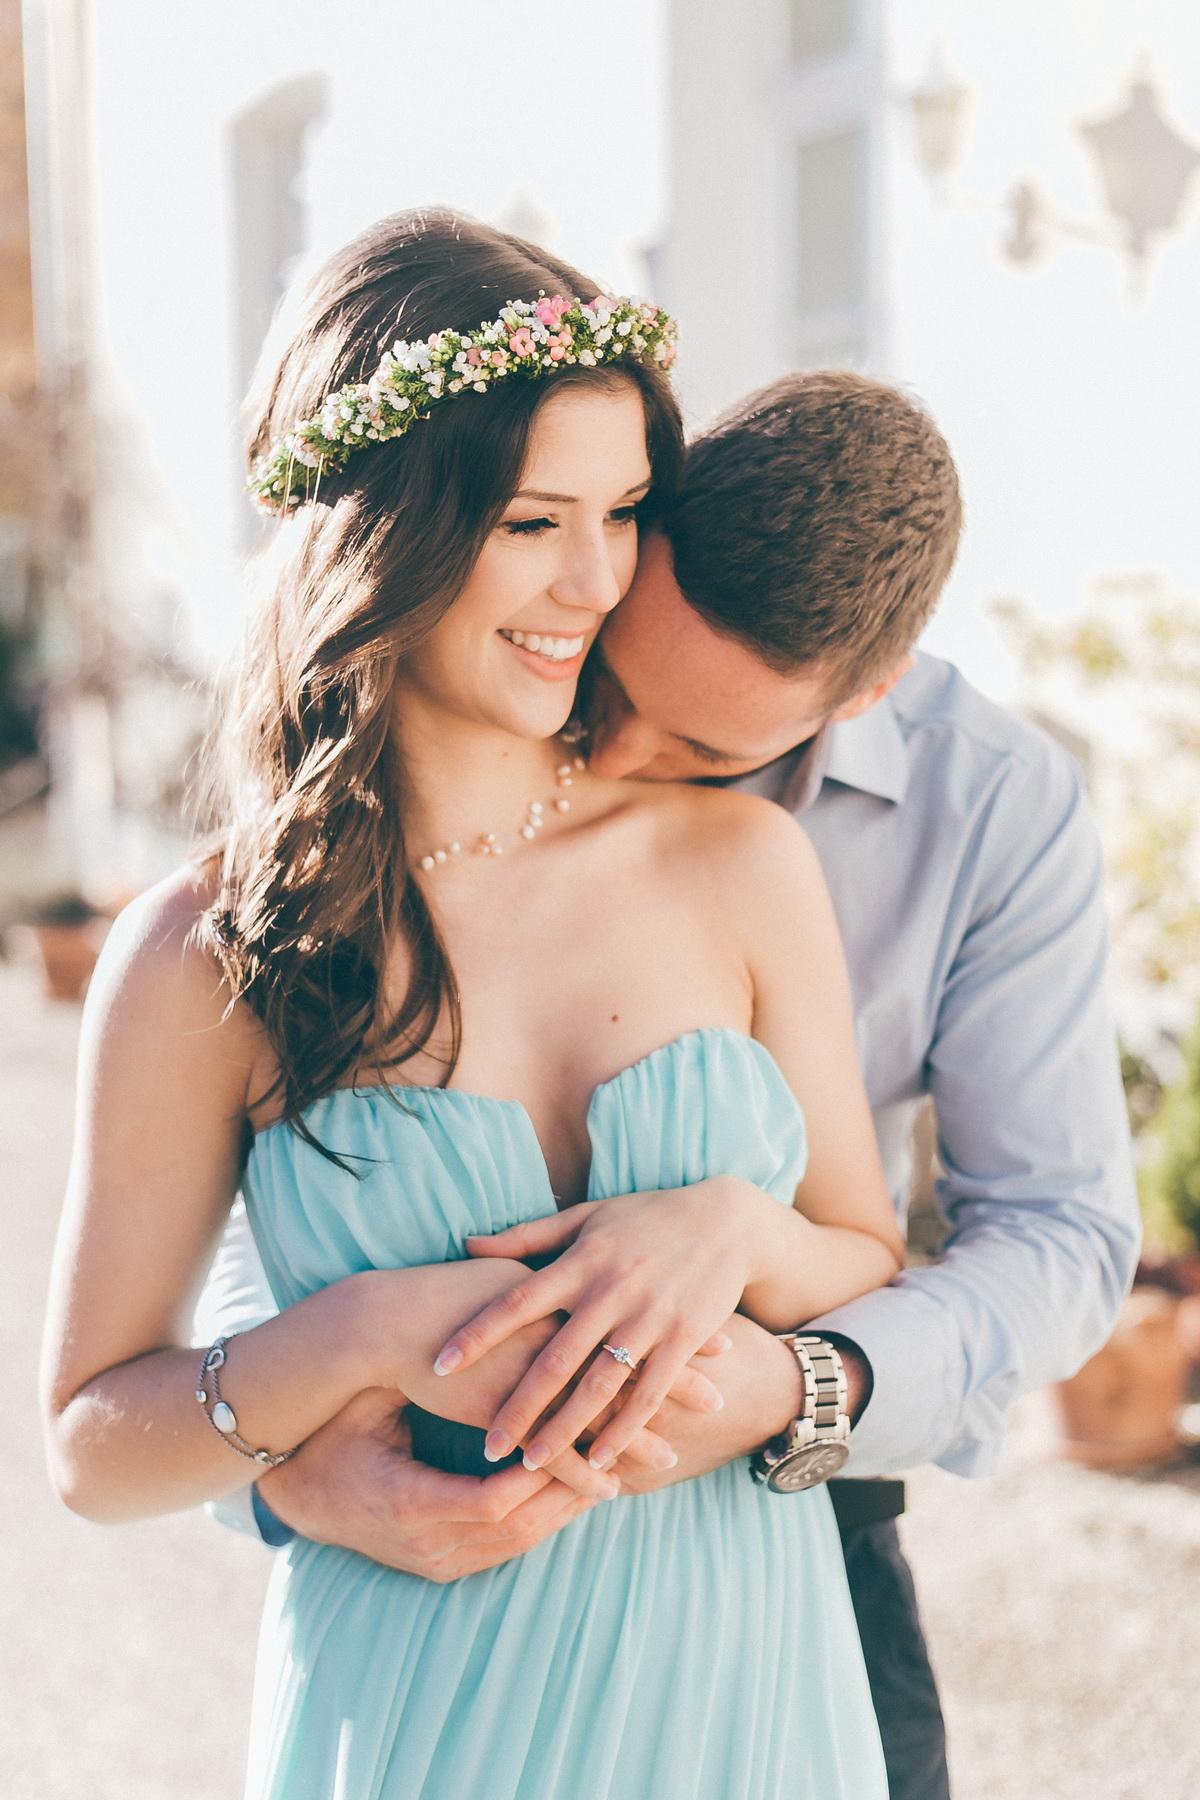 Hochzeitsfotograf-Koeln-Hochzeitsfotograf-Bonn-Hochzeitsfotograf-Euskirchen-Melissa-Richard-Lichtlie